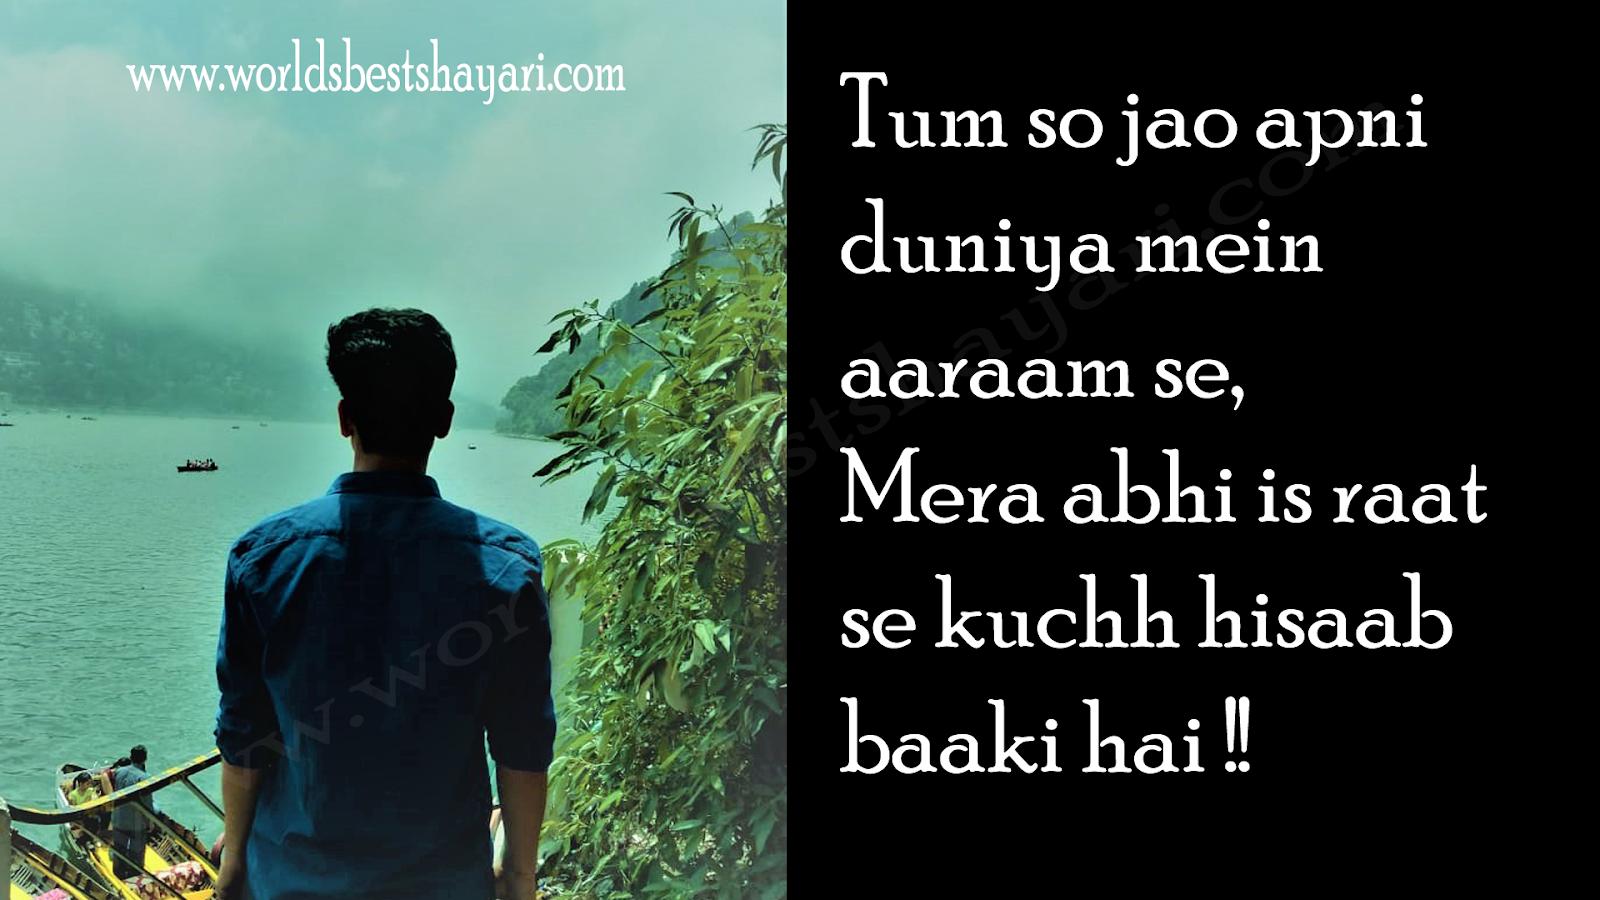 Sad Shayari | Sad Quotes | Attitude Shayari ~ Worlds Best